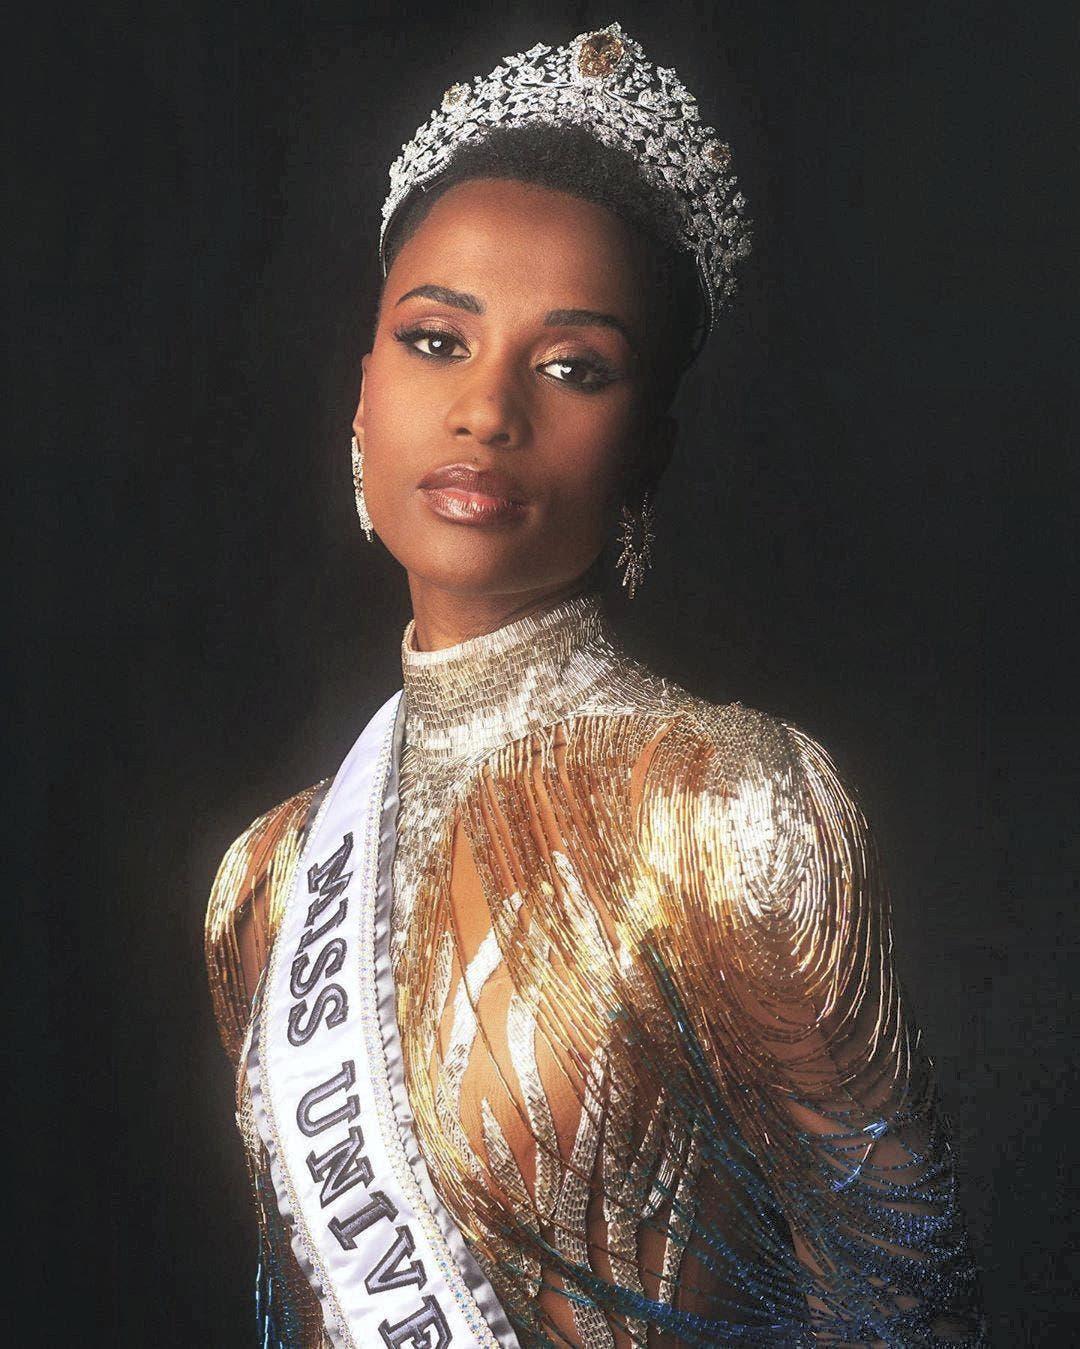 ملكة جمال الكون للعام 2019